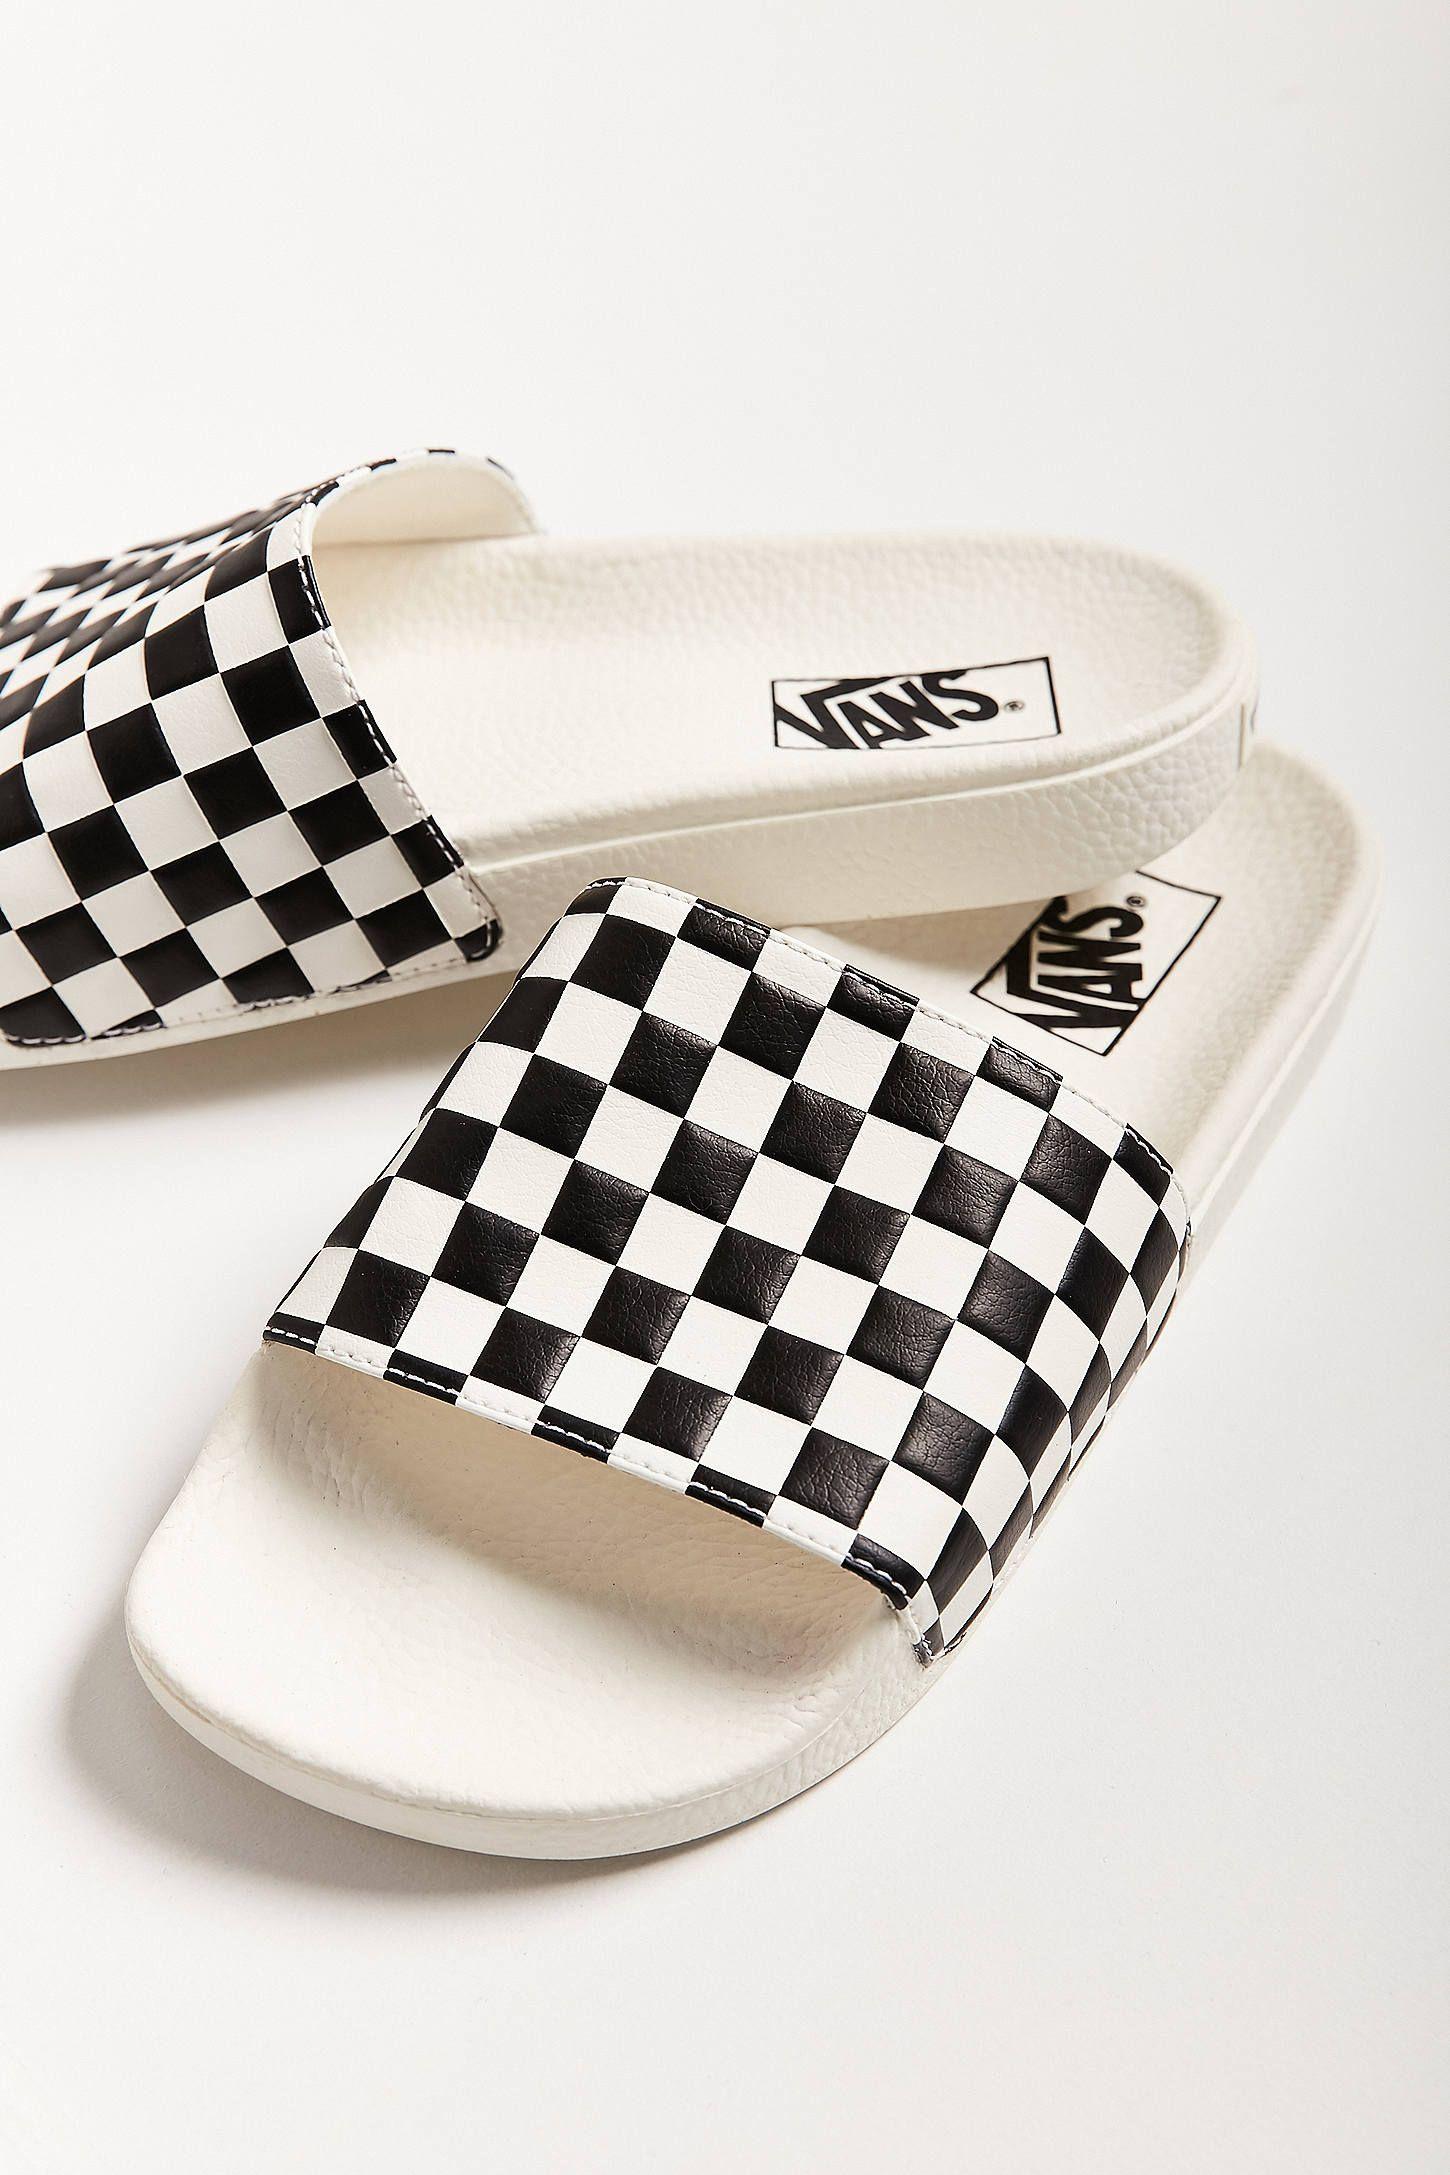 Vans Checkerboard Pool Slide | Vans